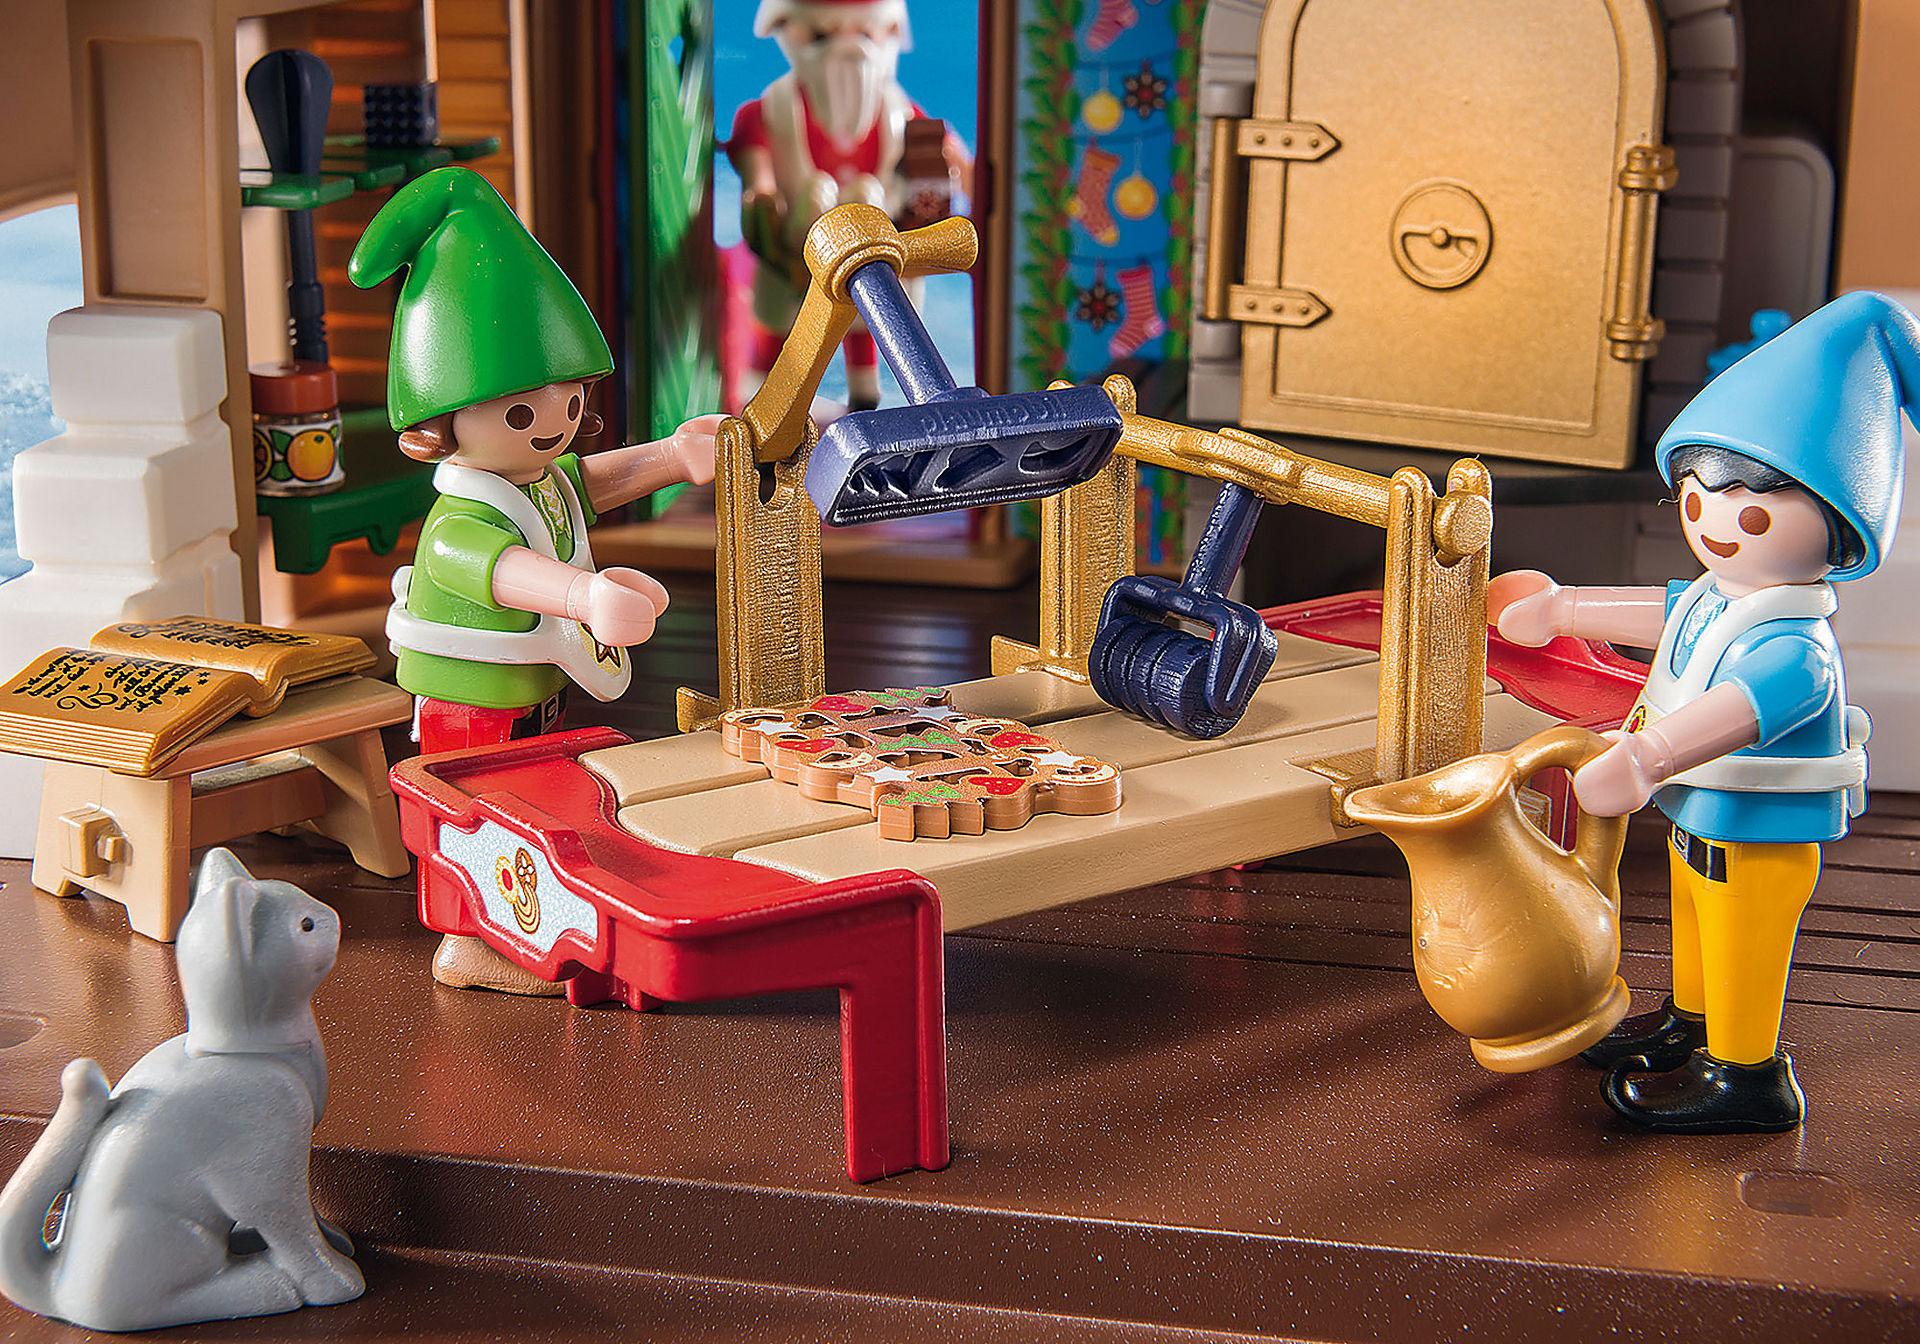 http://media.playmobil.com/i/playmobil/9493_product_extra3/Świąteczna piekarnia z foremkami na ciasteczka